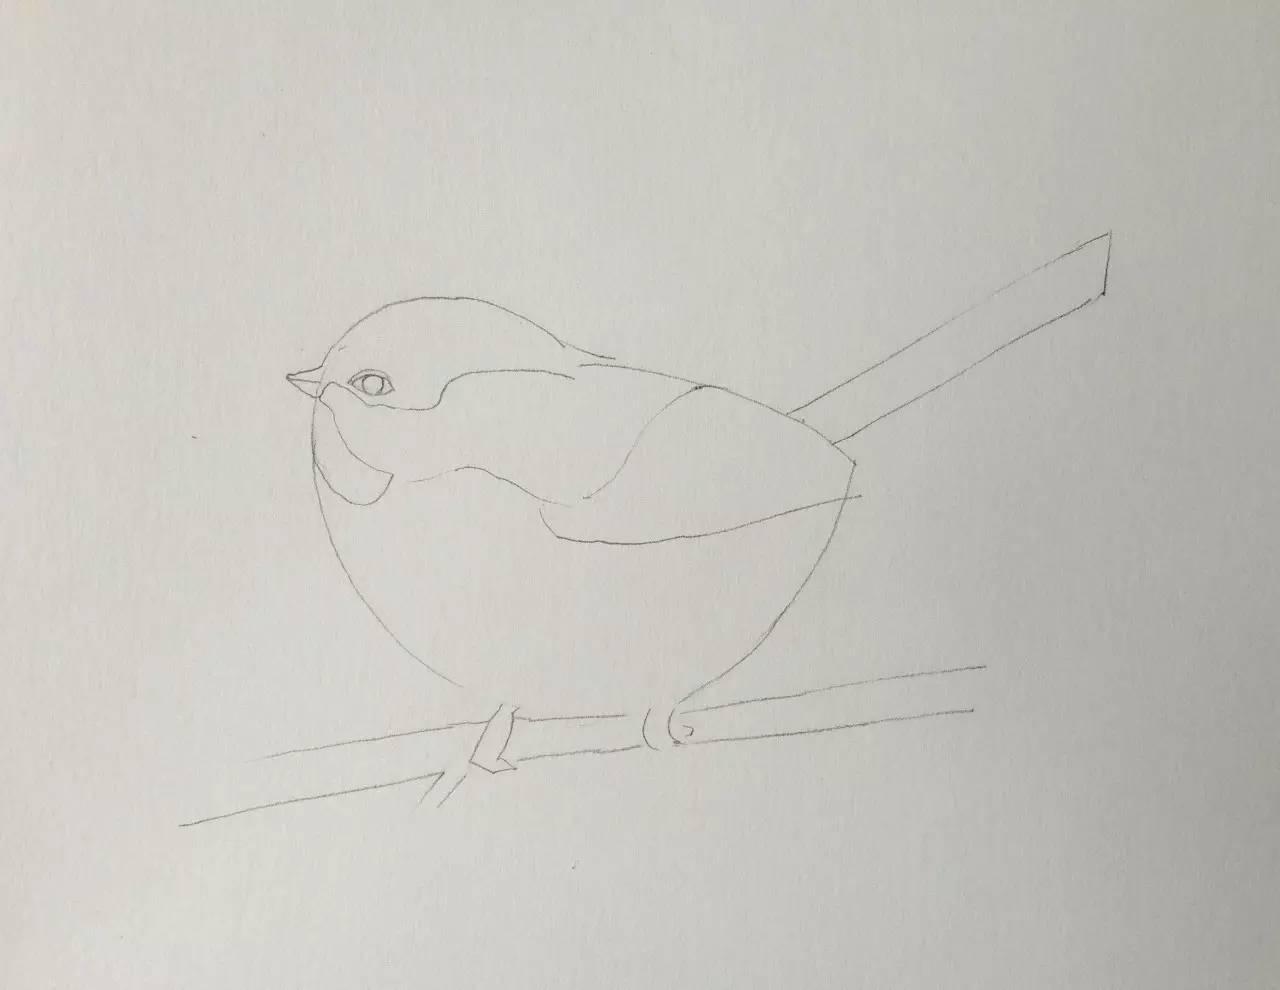 彩铅手绘羽毛一根